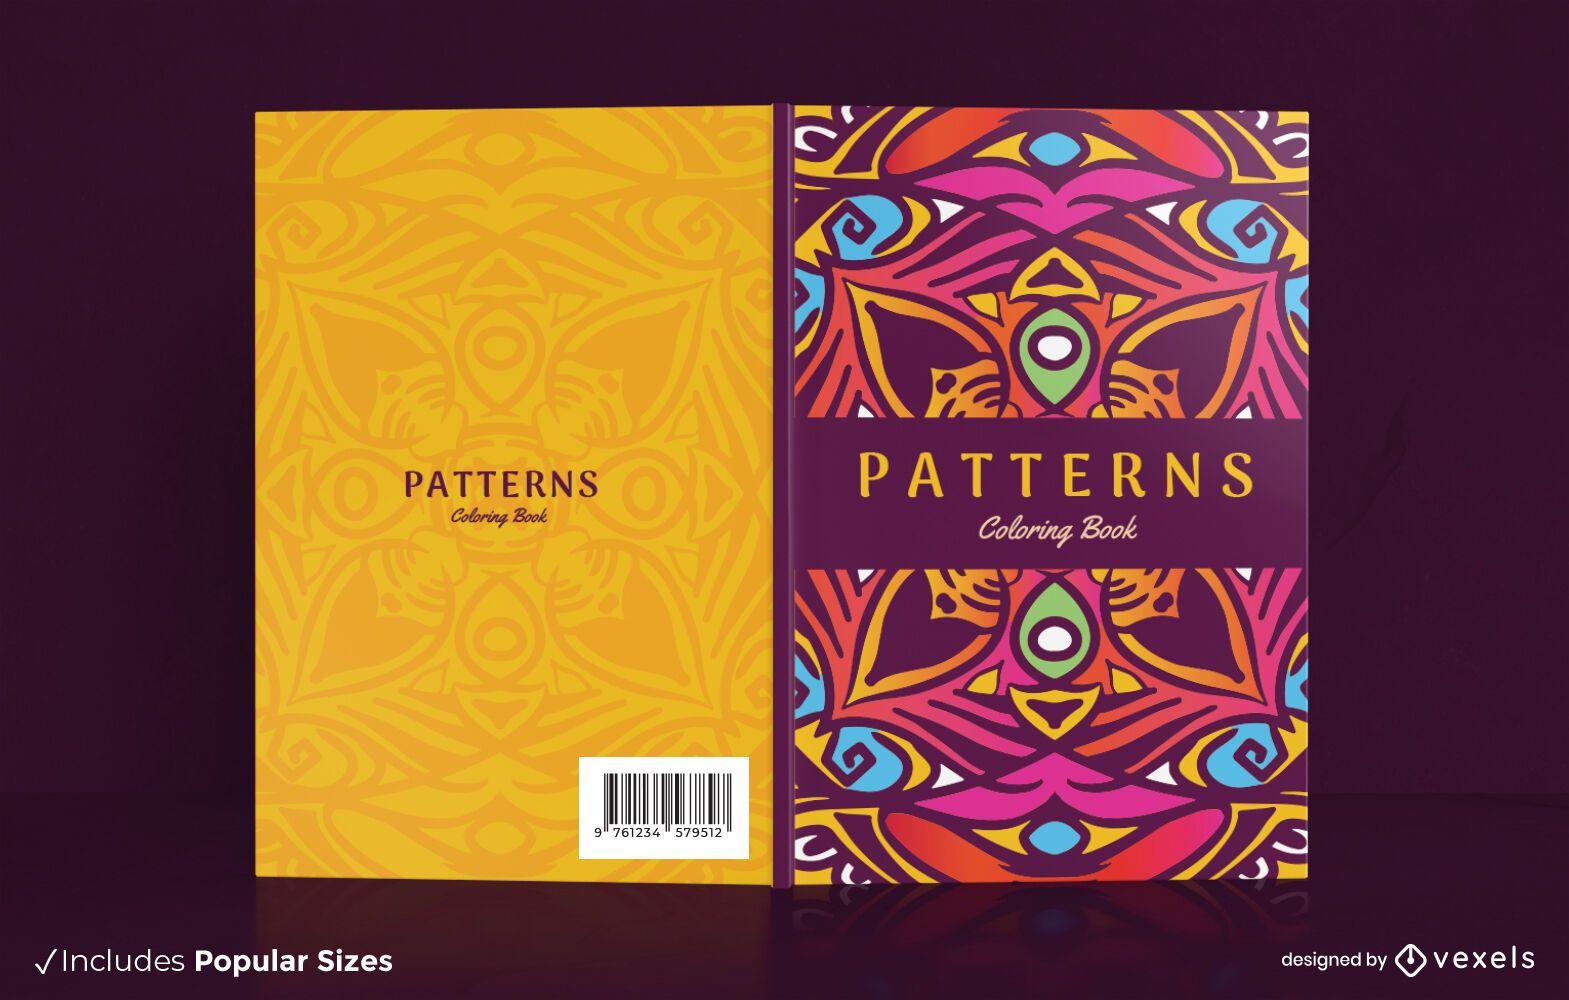 Mandala pattern coloring book cover design